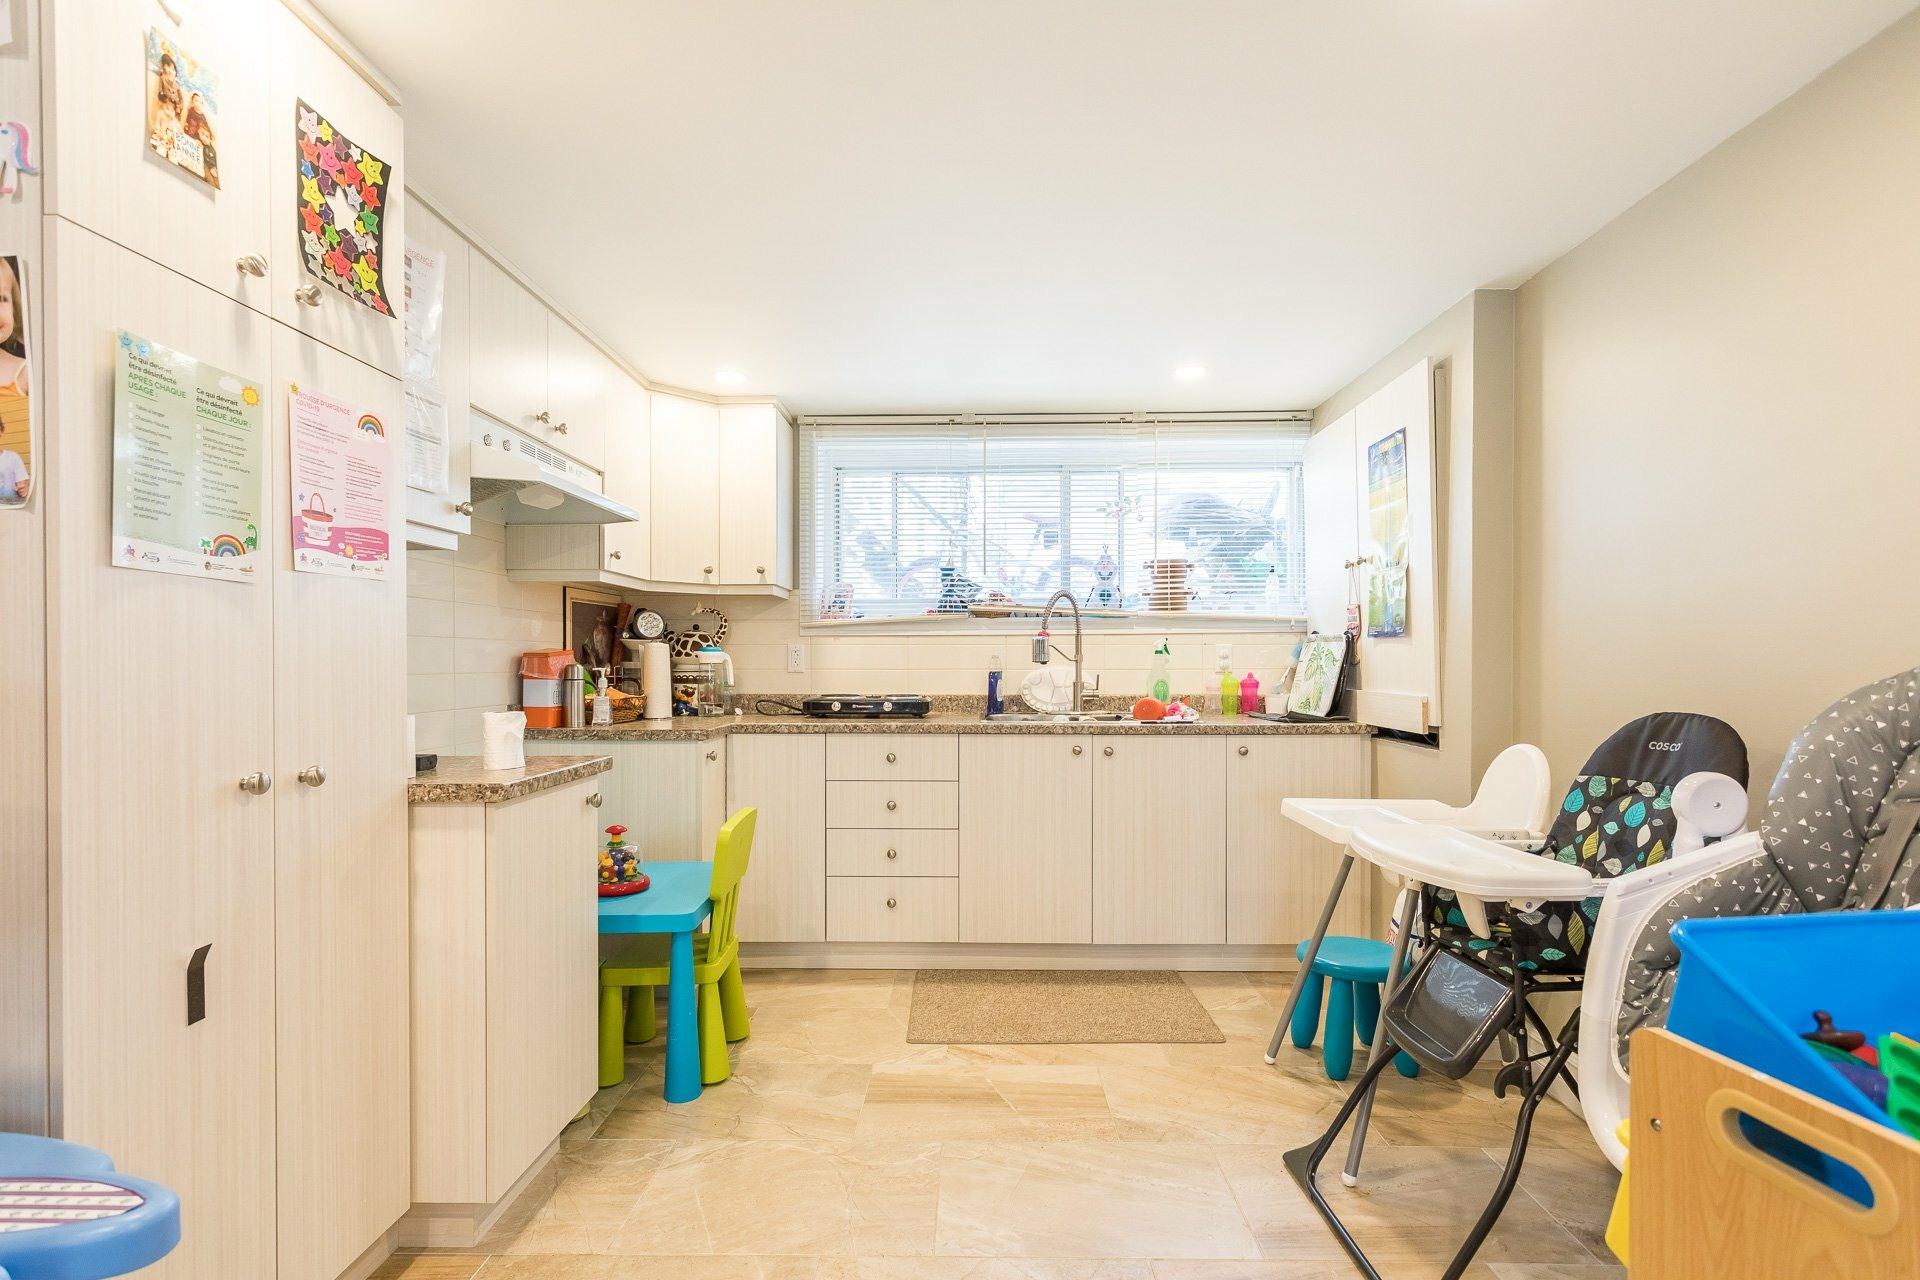 image 14 - Duplex For sale Ahuntsic-Cartierville Montréal  - 8 rooms